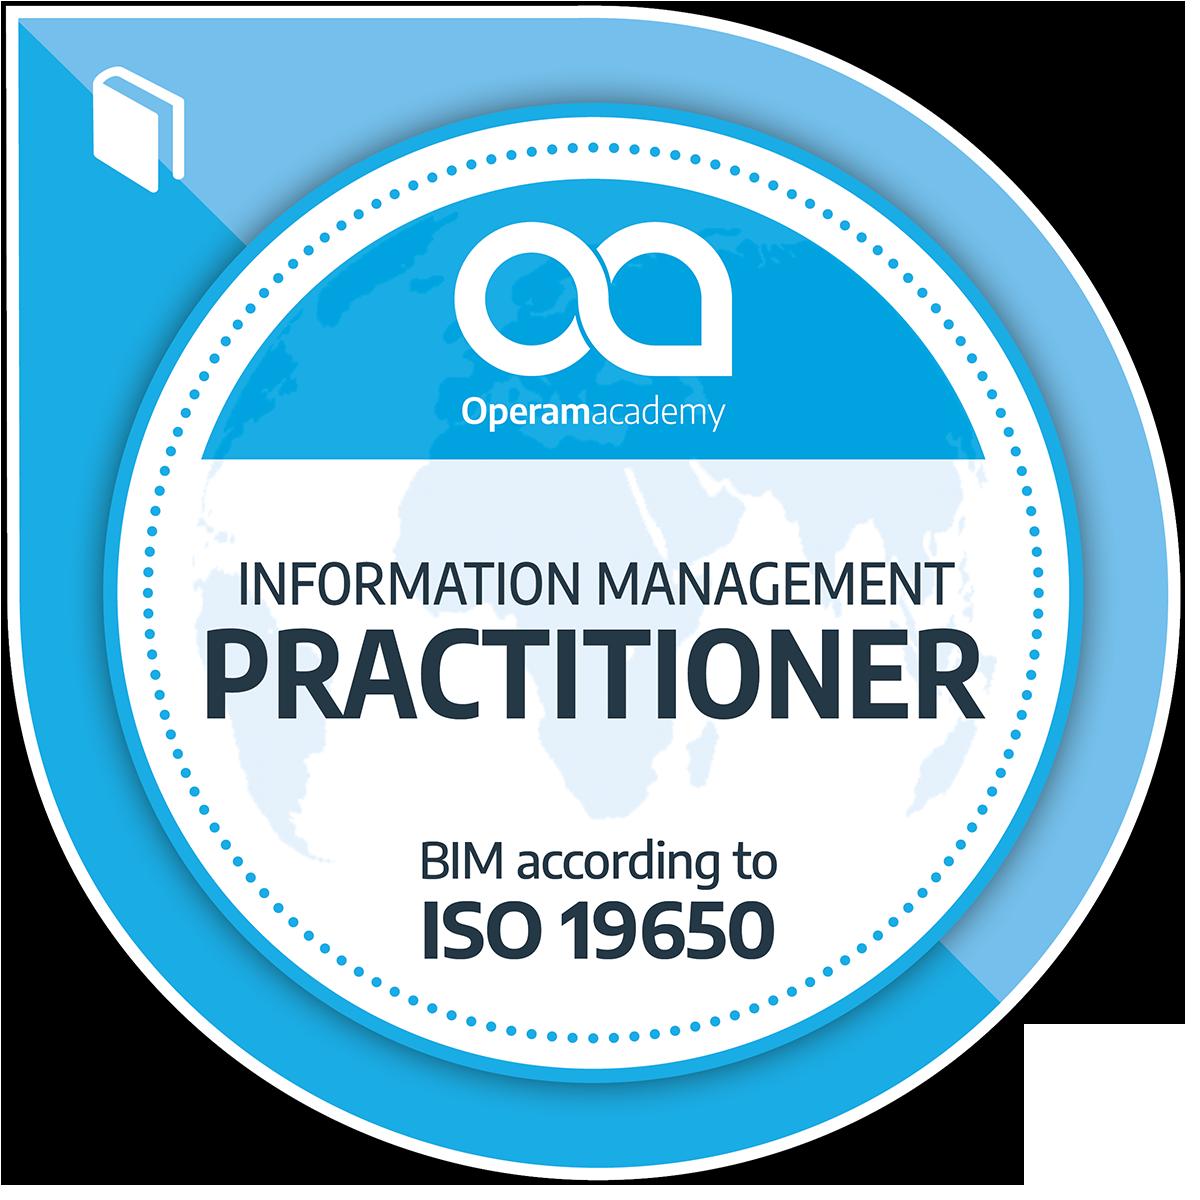 Information Management Practitioner